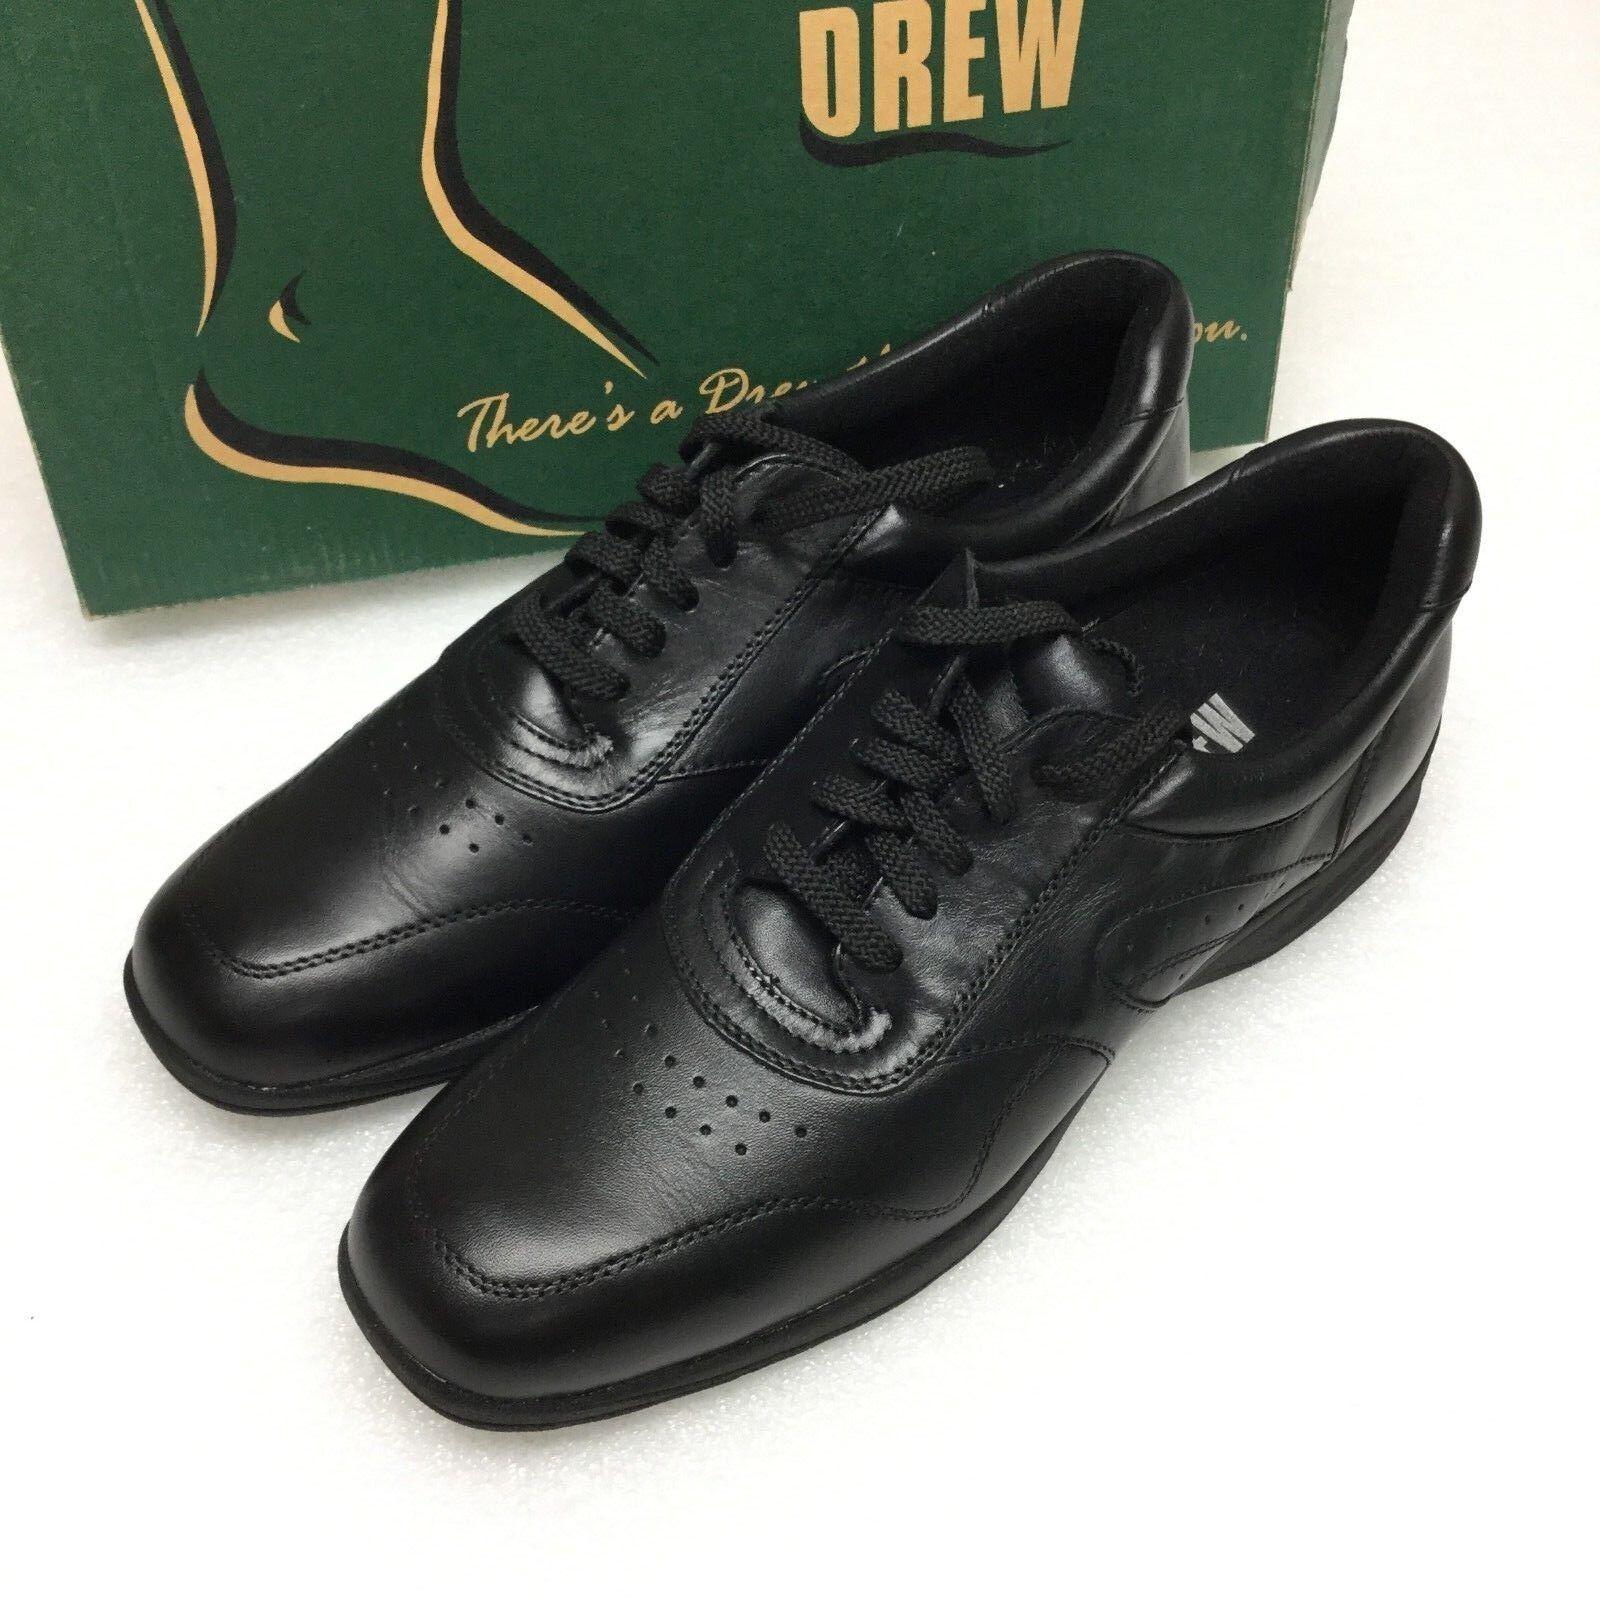 Drew para mujeres airee Trabajo Informal Comodidad Zapatos 10710-12 Negro, 11